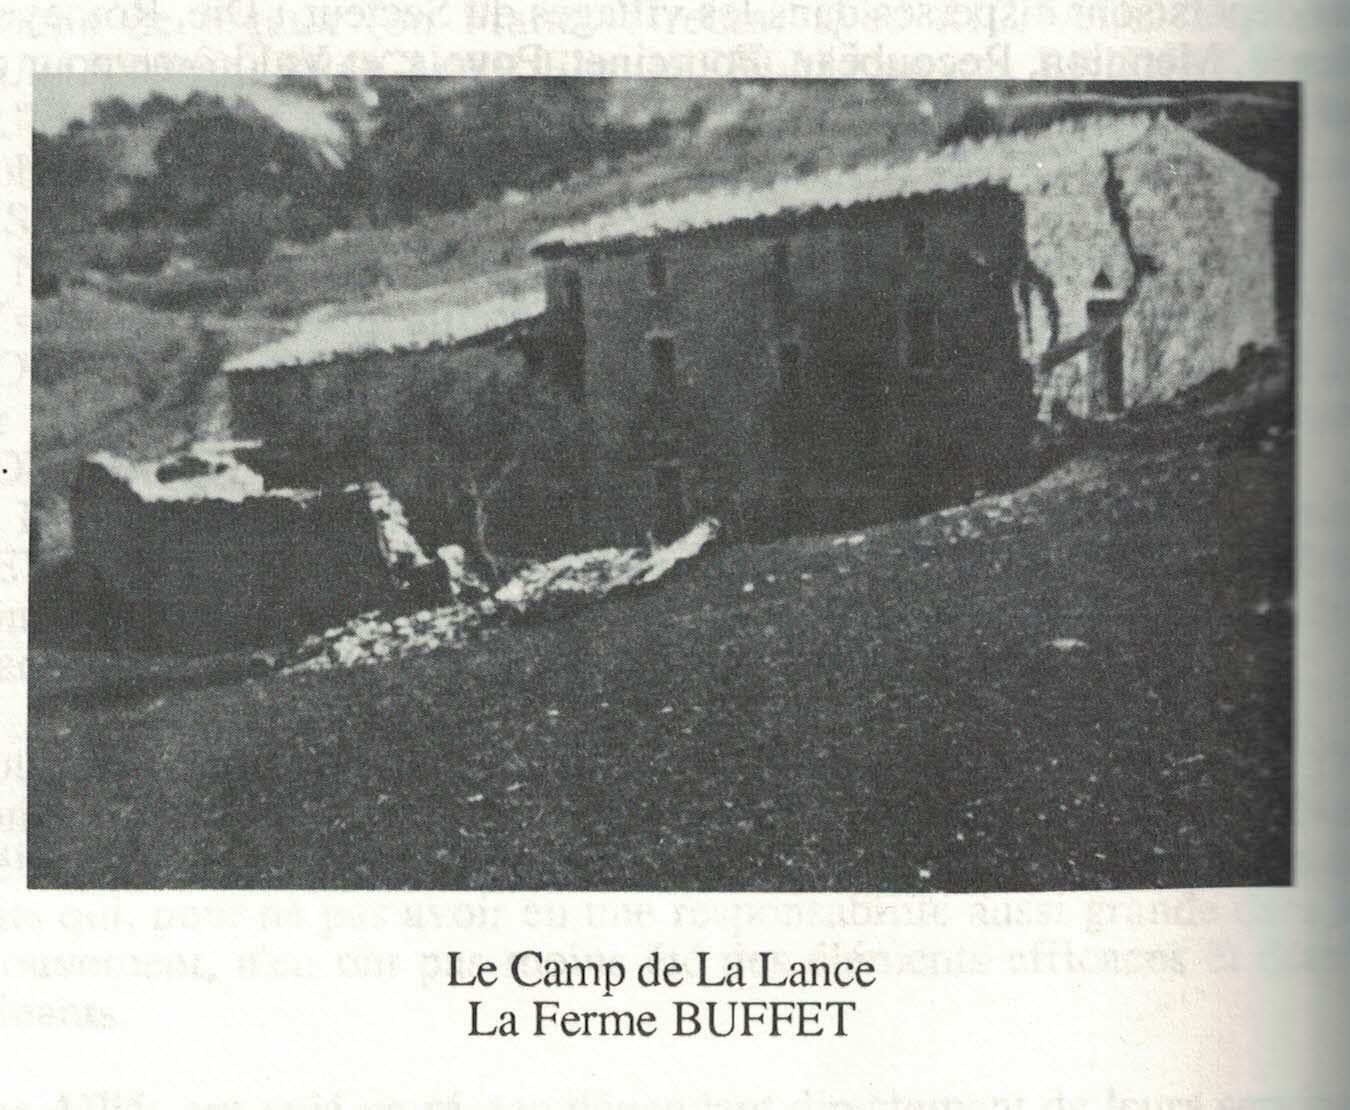 Photographie prise sur Mémoires de l'Ombre - Capitane Paris Editions Scriba